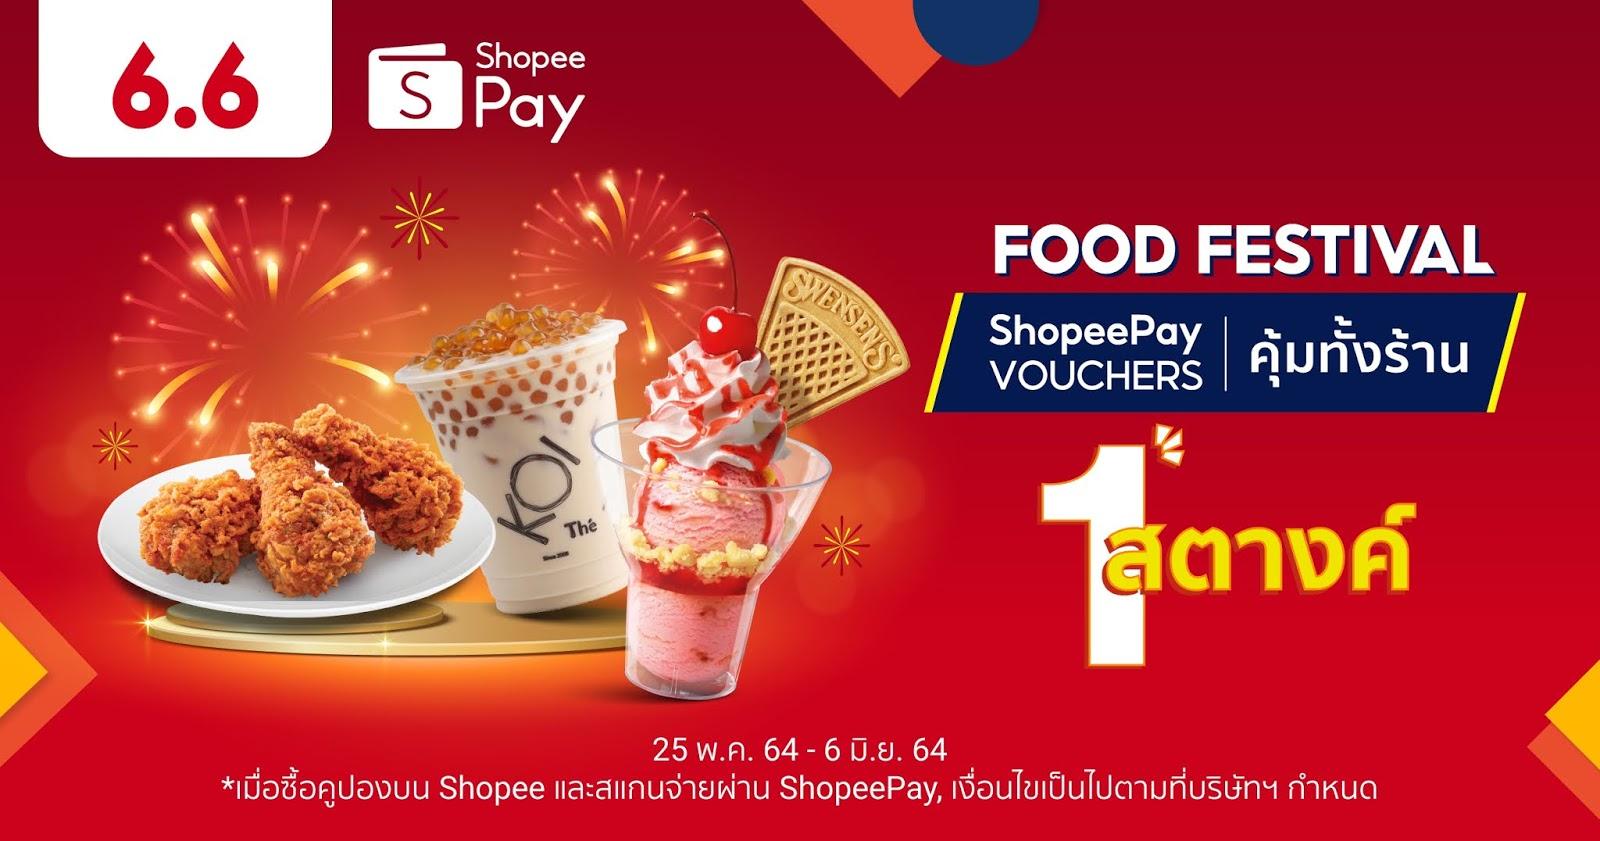 ยกทัพความอร่อย เอาใจสายกิน ShopeePay จับมือกว่า 10 ร้านแบรนด์ดังจัดแคมเปญ Food Festival รวมโปรอิ่มคุ้มในงบ 1 สตางค์